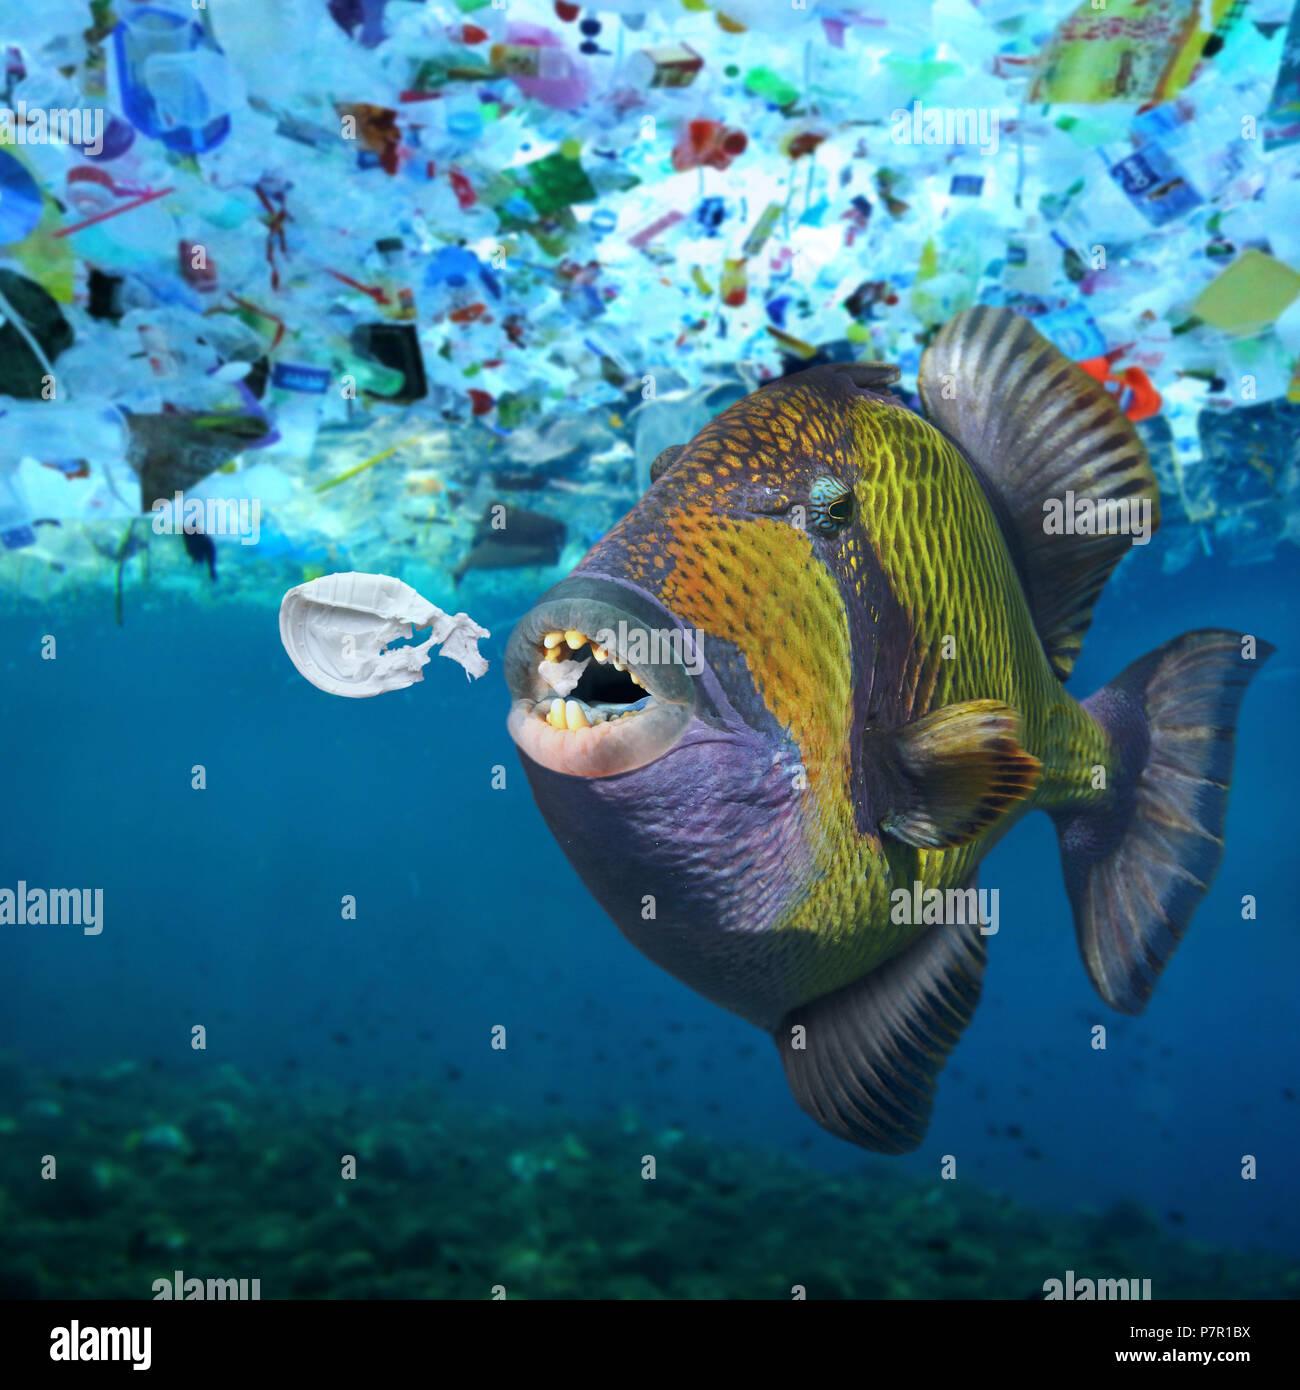 Titan ballesta, Balistoides viridescens, comer un objeto de plástico. Imagen De Stock